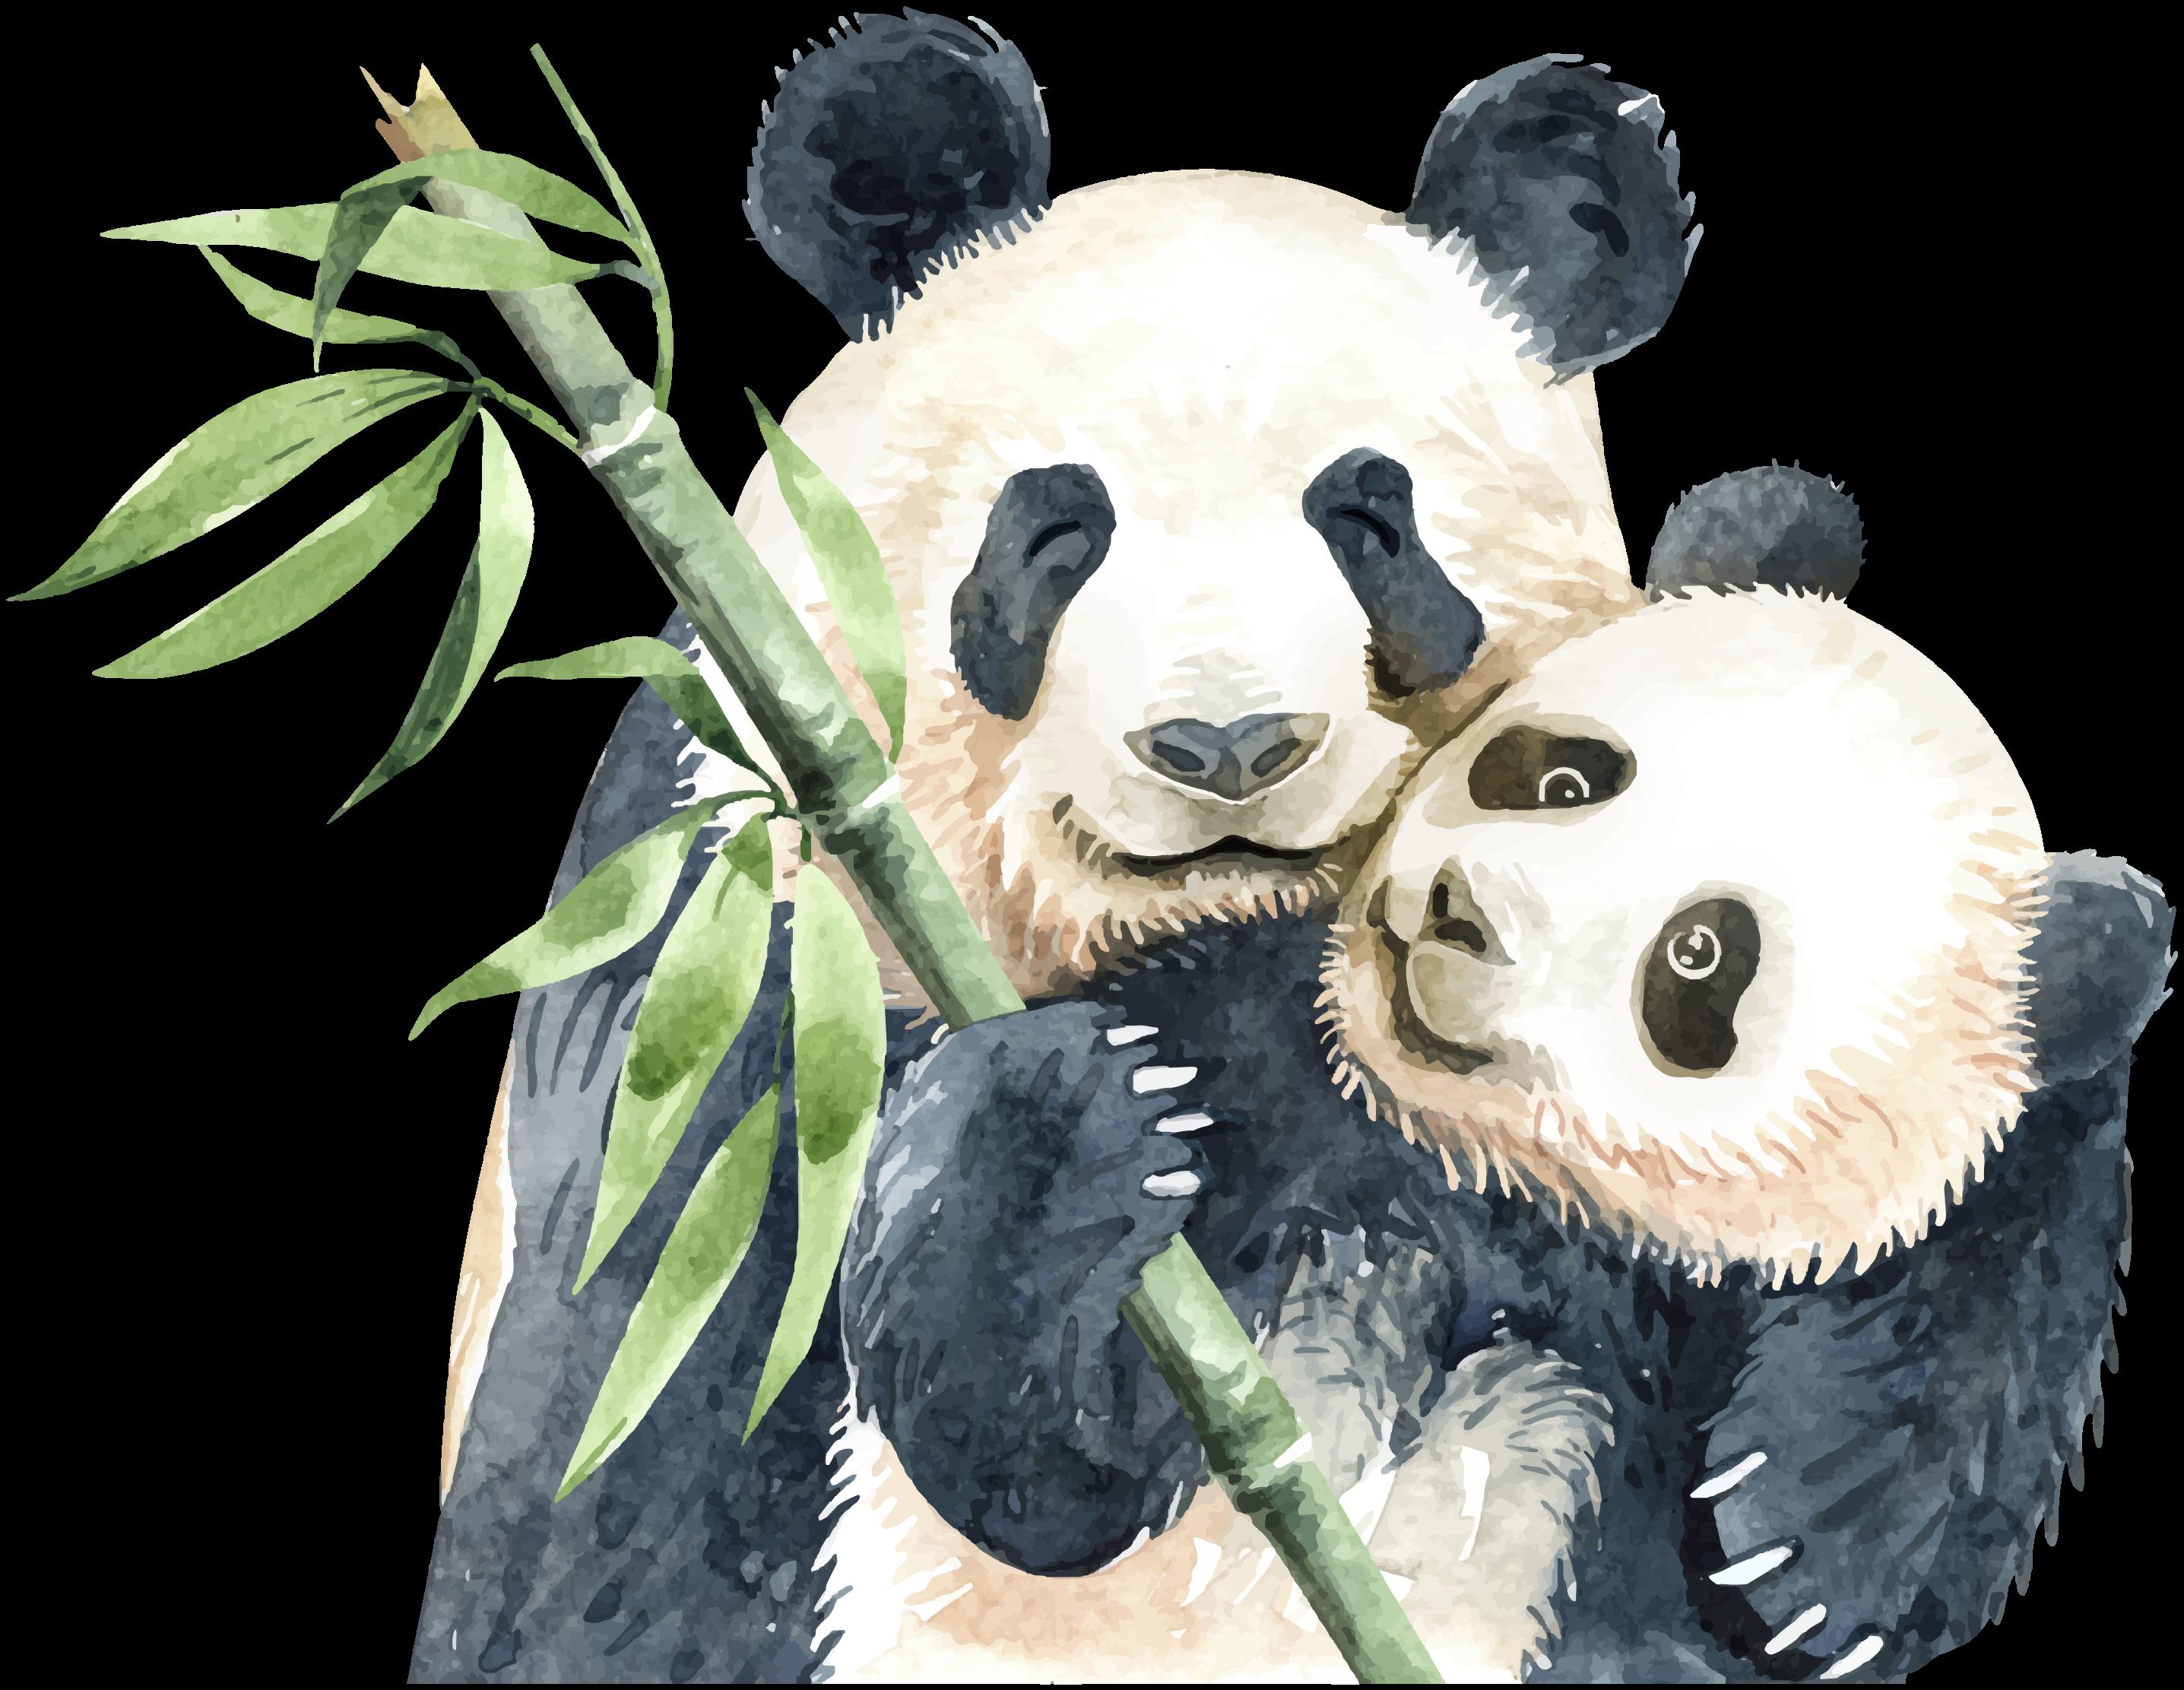 TENSTICKERS. 木とパンダの木の壁のステッカー. かわいいパンダの絵を描くビニールステッカー。デザインは、木の枝に2匹のパンダを示しています。それはオリジナルで、粘着性があり、簡単に塗ることができます。